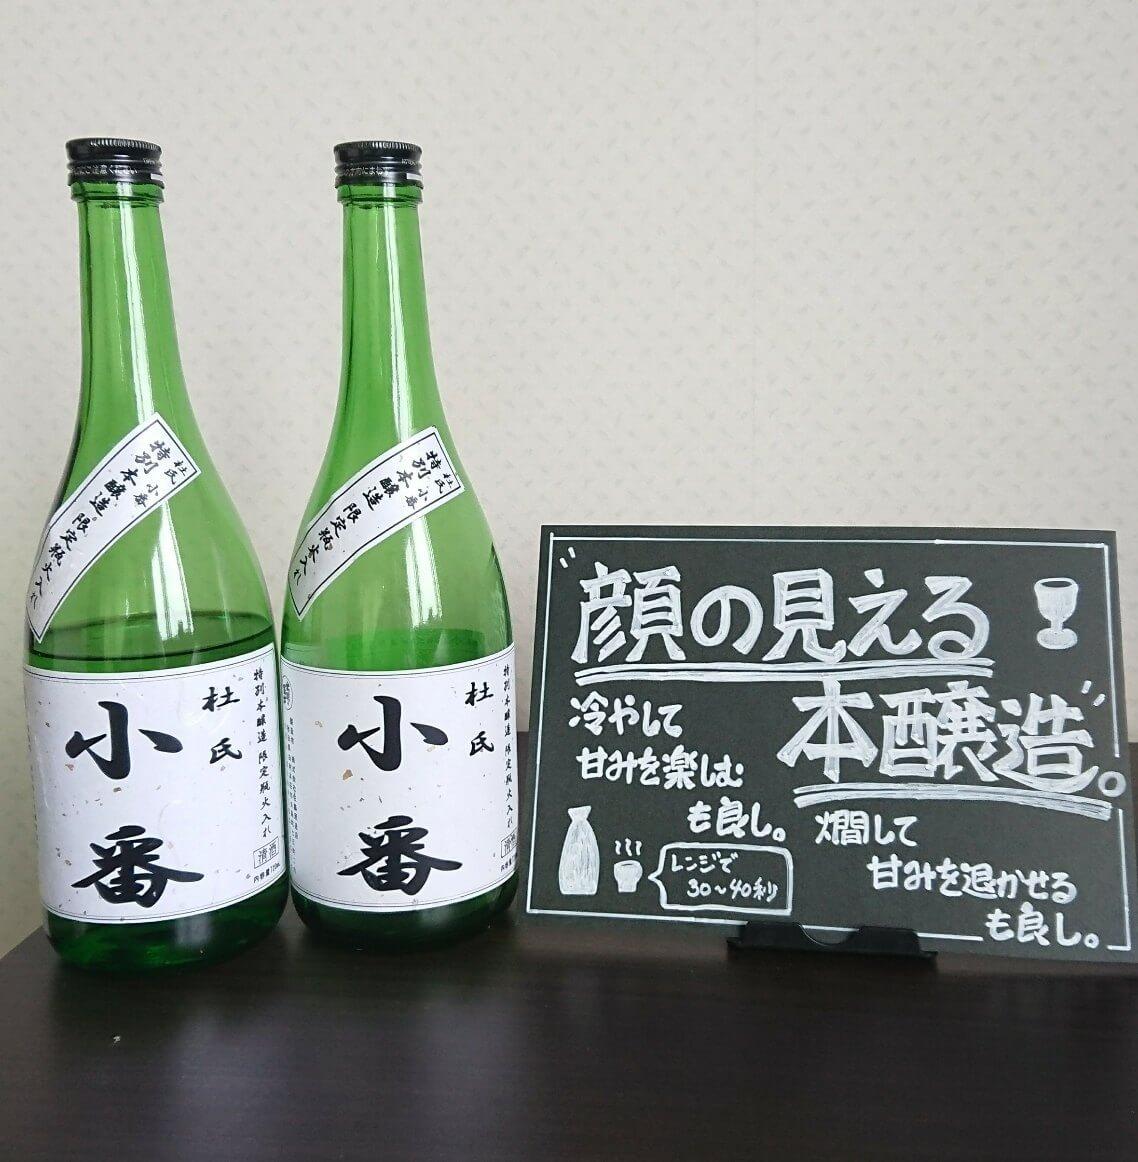 佐藤酒造店『出羽の冨士 小番 本醸造』